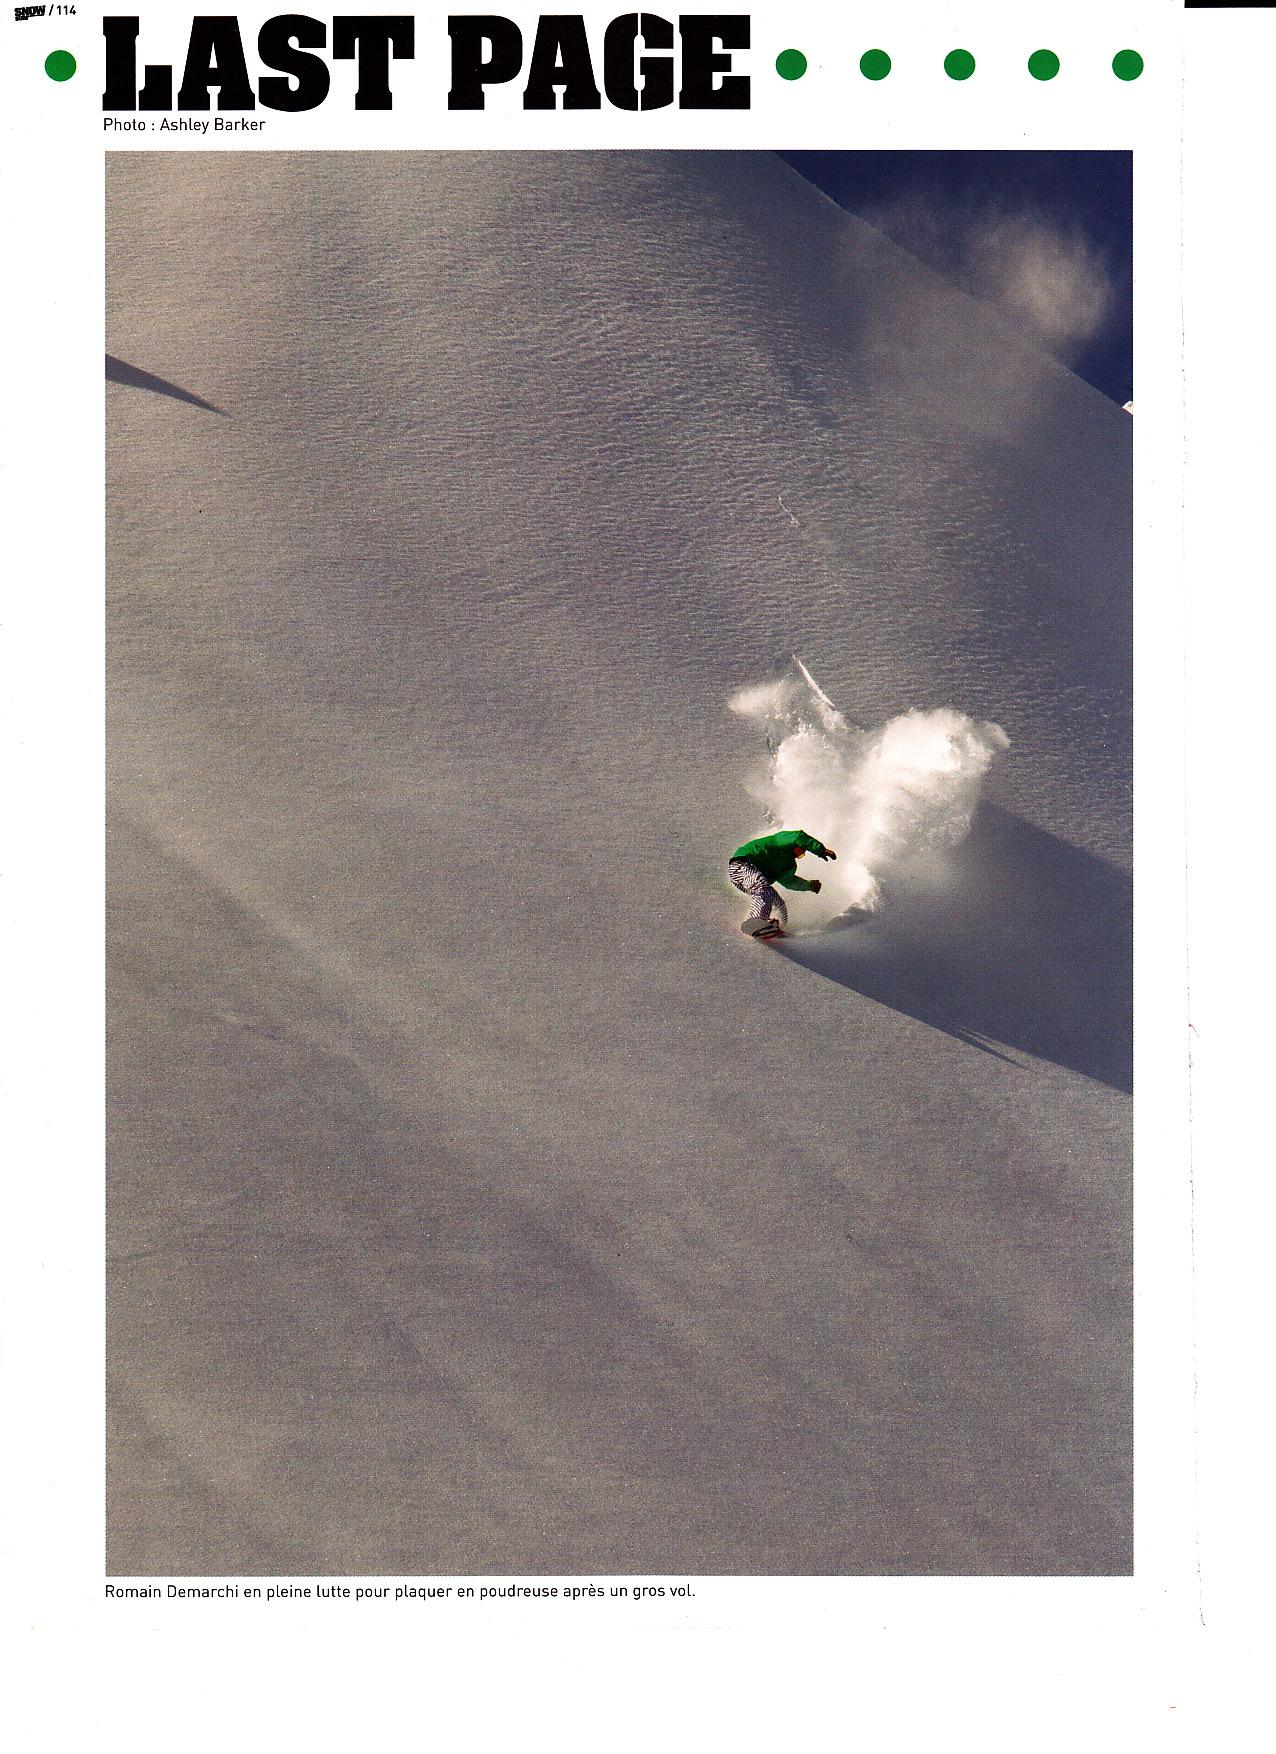 snowsurf_barker